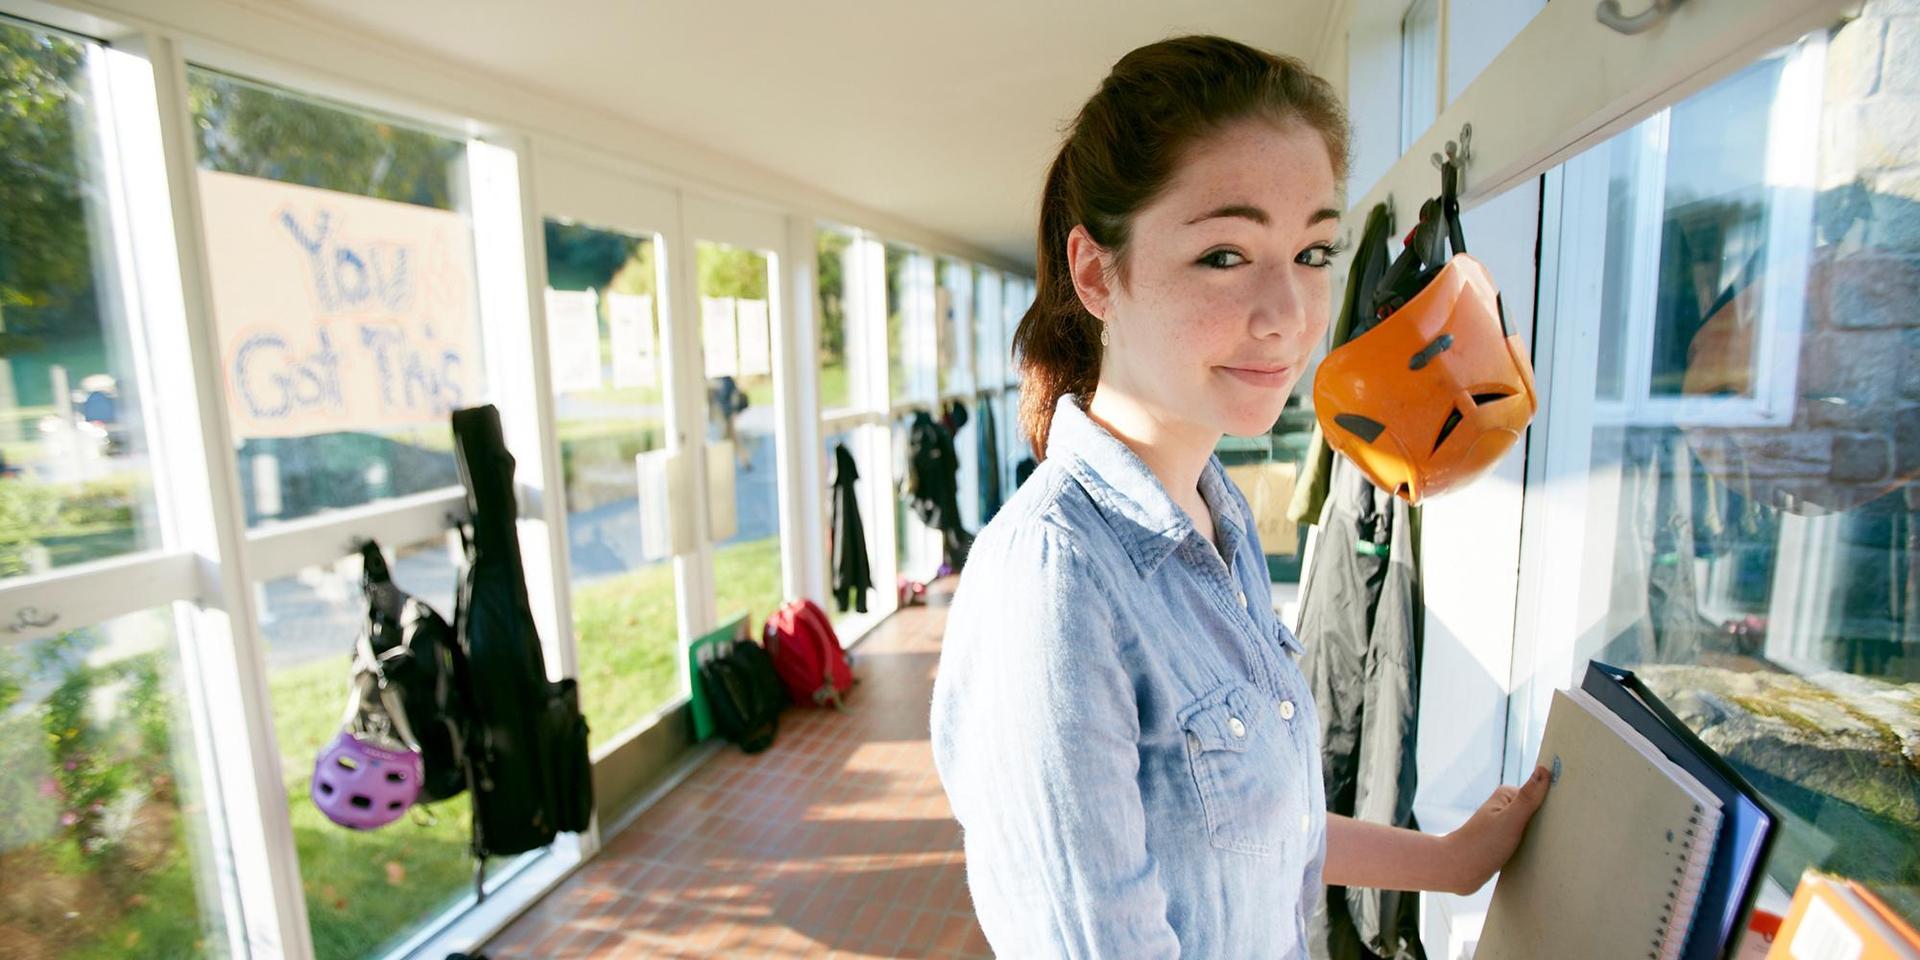 一个学生在玻璃走廊里填她的背包.